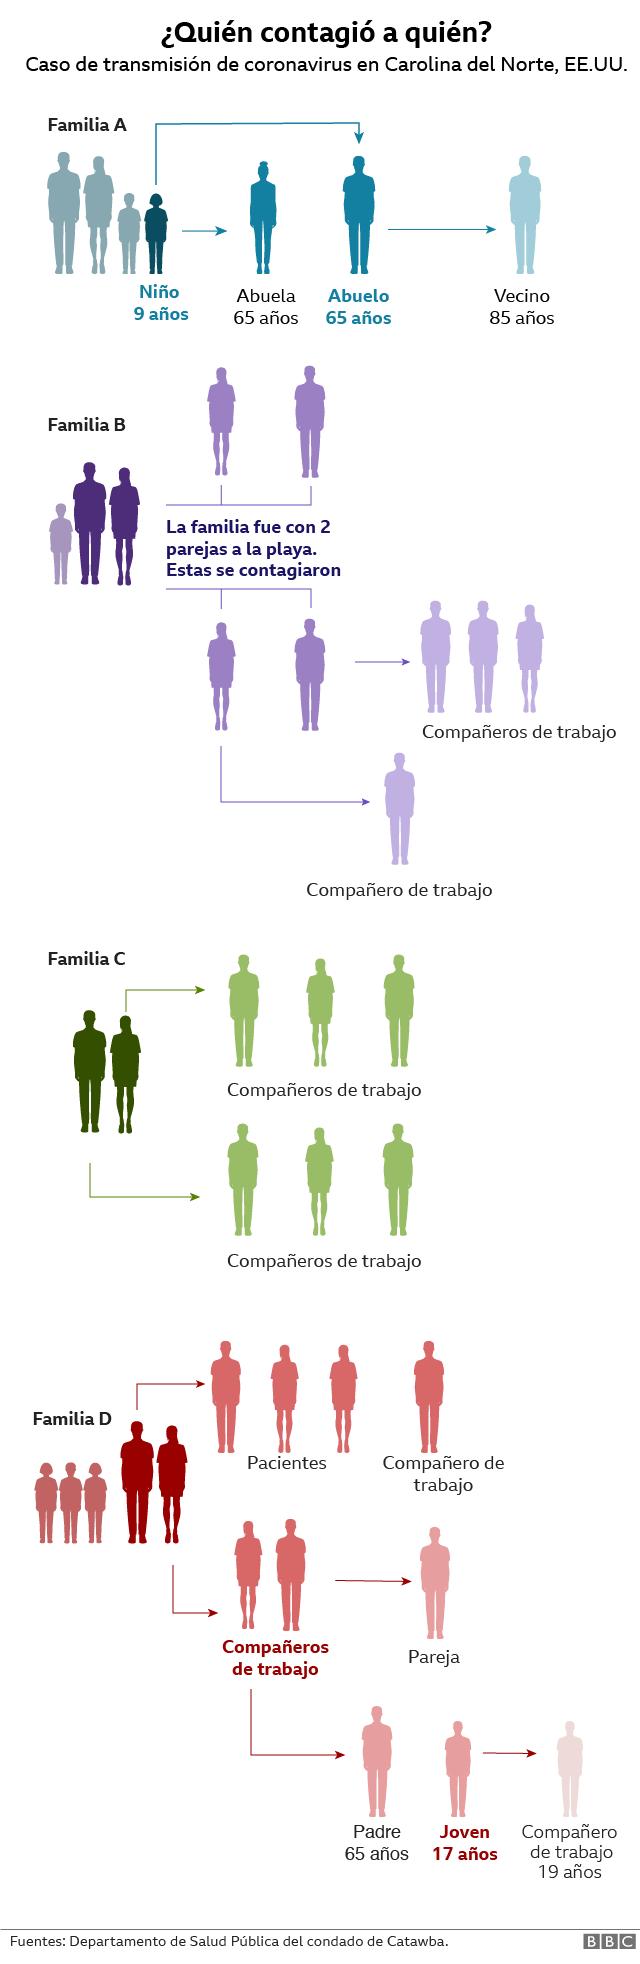 Visualización de quién contagió a quién de covid-19.